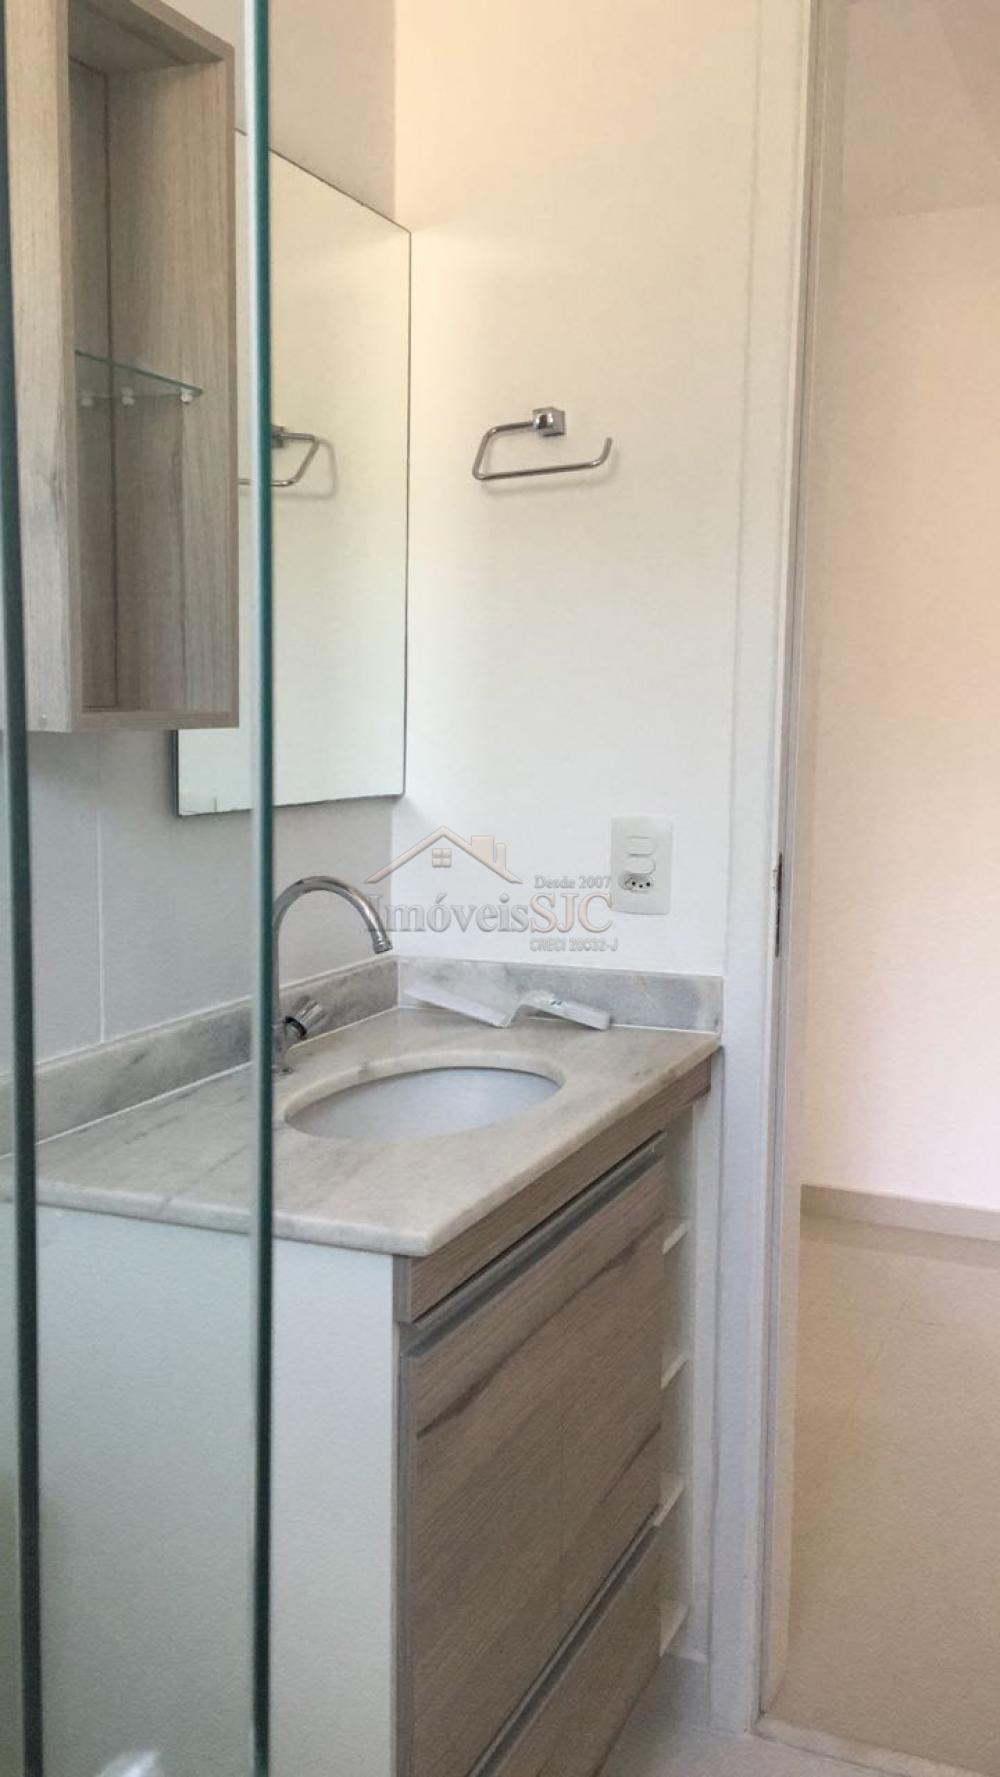 Comprar Apartamentos / Padrão em São José dos Campos apenas R$ 240.000,00 - Foto 6